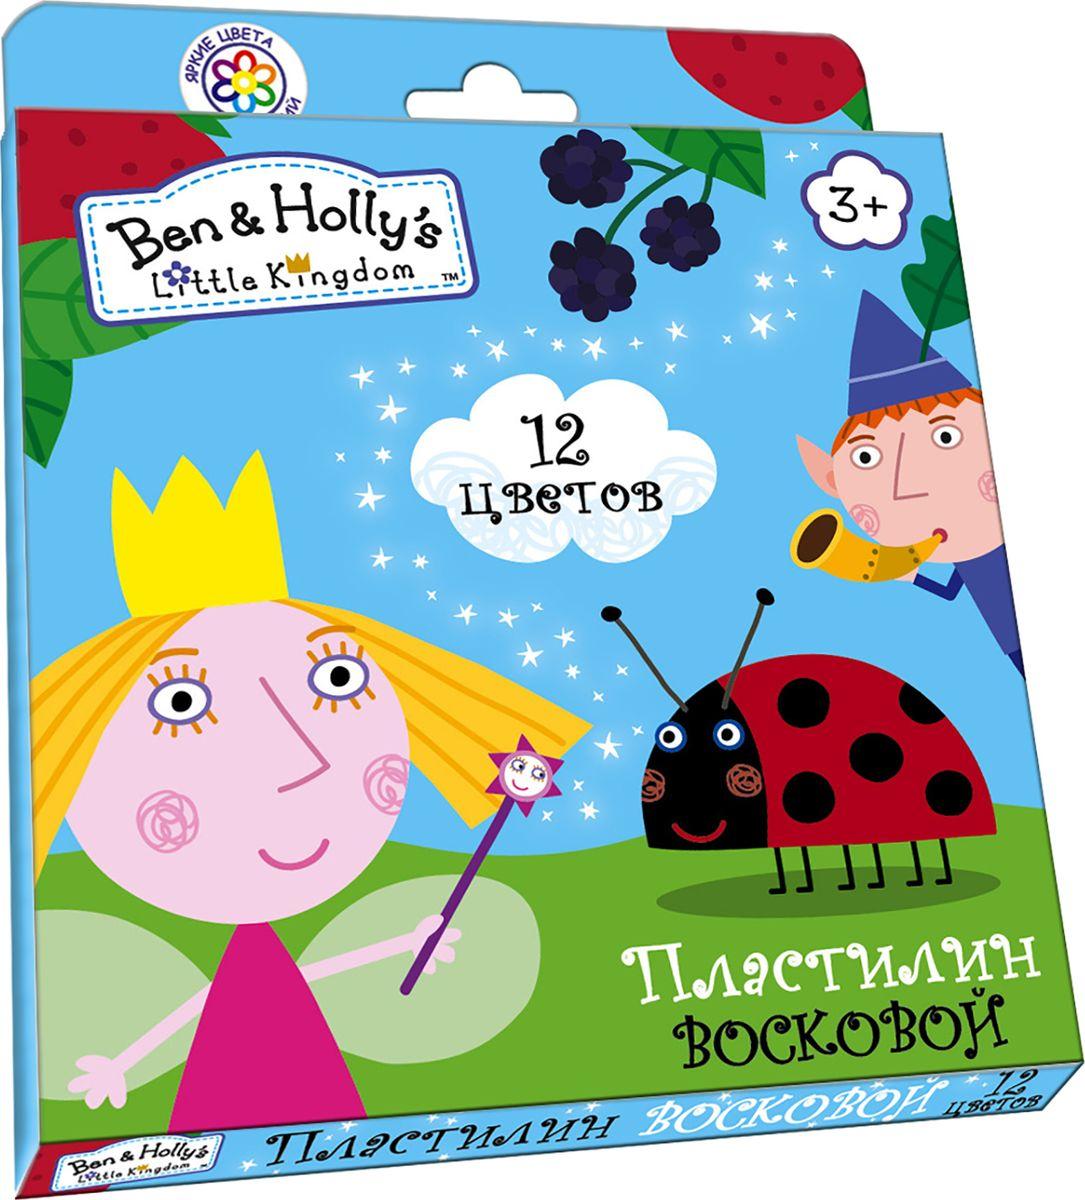 Ben&Holly Пластилин восковой Бен и Холли 12 цветов31682Яркий восковый пластилин Бен и Холли поможет вашему малышу создавать не только прекрасные поделки, но и рисунки. Изготовленный на основе природного воска и натуральных наполнителей, он обладает особой мягкостью и пластичностью: легко разминается и моделируется детскими пальчиками, не пачкается, не прилипает к рукам и рабочей поверхности, не крошится, не высыхает, хорошо держит форму, его цвета легко смешиваются друг с другом. Создавайте новые цвета и оттенки, лепите, рисуйте и экспериментируйте, развивая при этом у ребенка мелкую моторику, тактильное восприятие формы, веса и фактуры, воображение и пространственное мышление. А любимые герои будут вдохновлять юного мастера на новые творческие идеи. В наборе Бен и Холли 12 ярких цветов воскового пластилина по 15 г и пластиковая стека. Состав: парафин, петролатум, мел, каолин, красители.